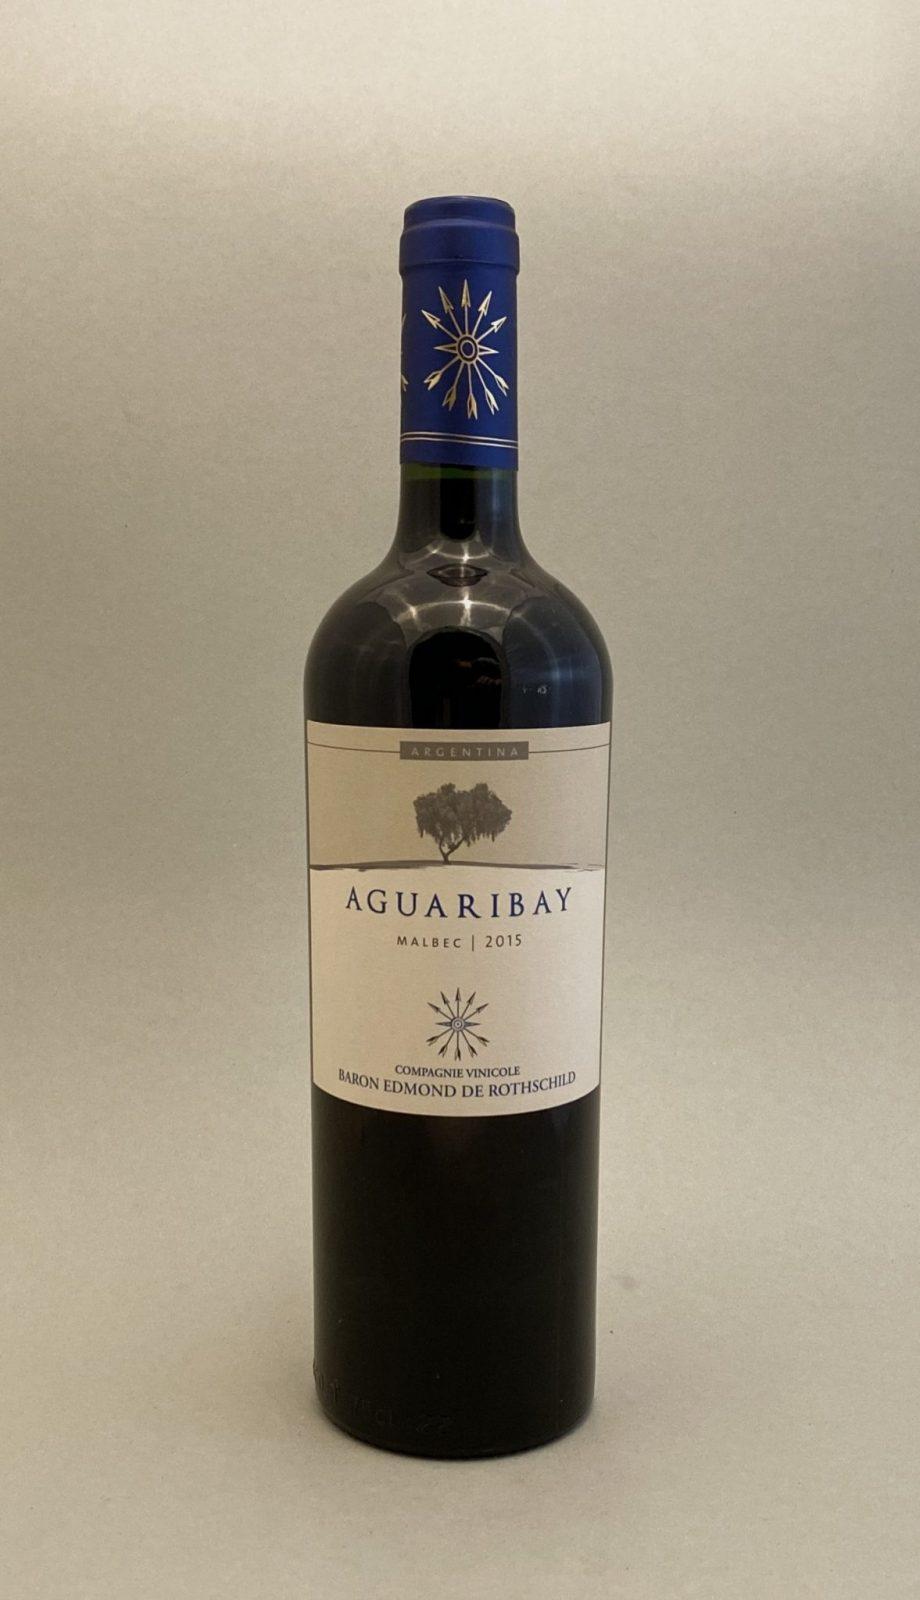 AGUARIBAY - Malbec 2015, vinoteka slnecnice mesto, petrzalka Bratislava, vino cervene z Argentiny